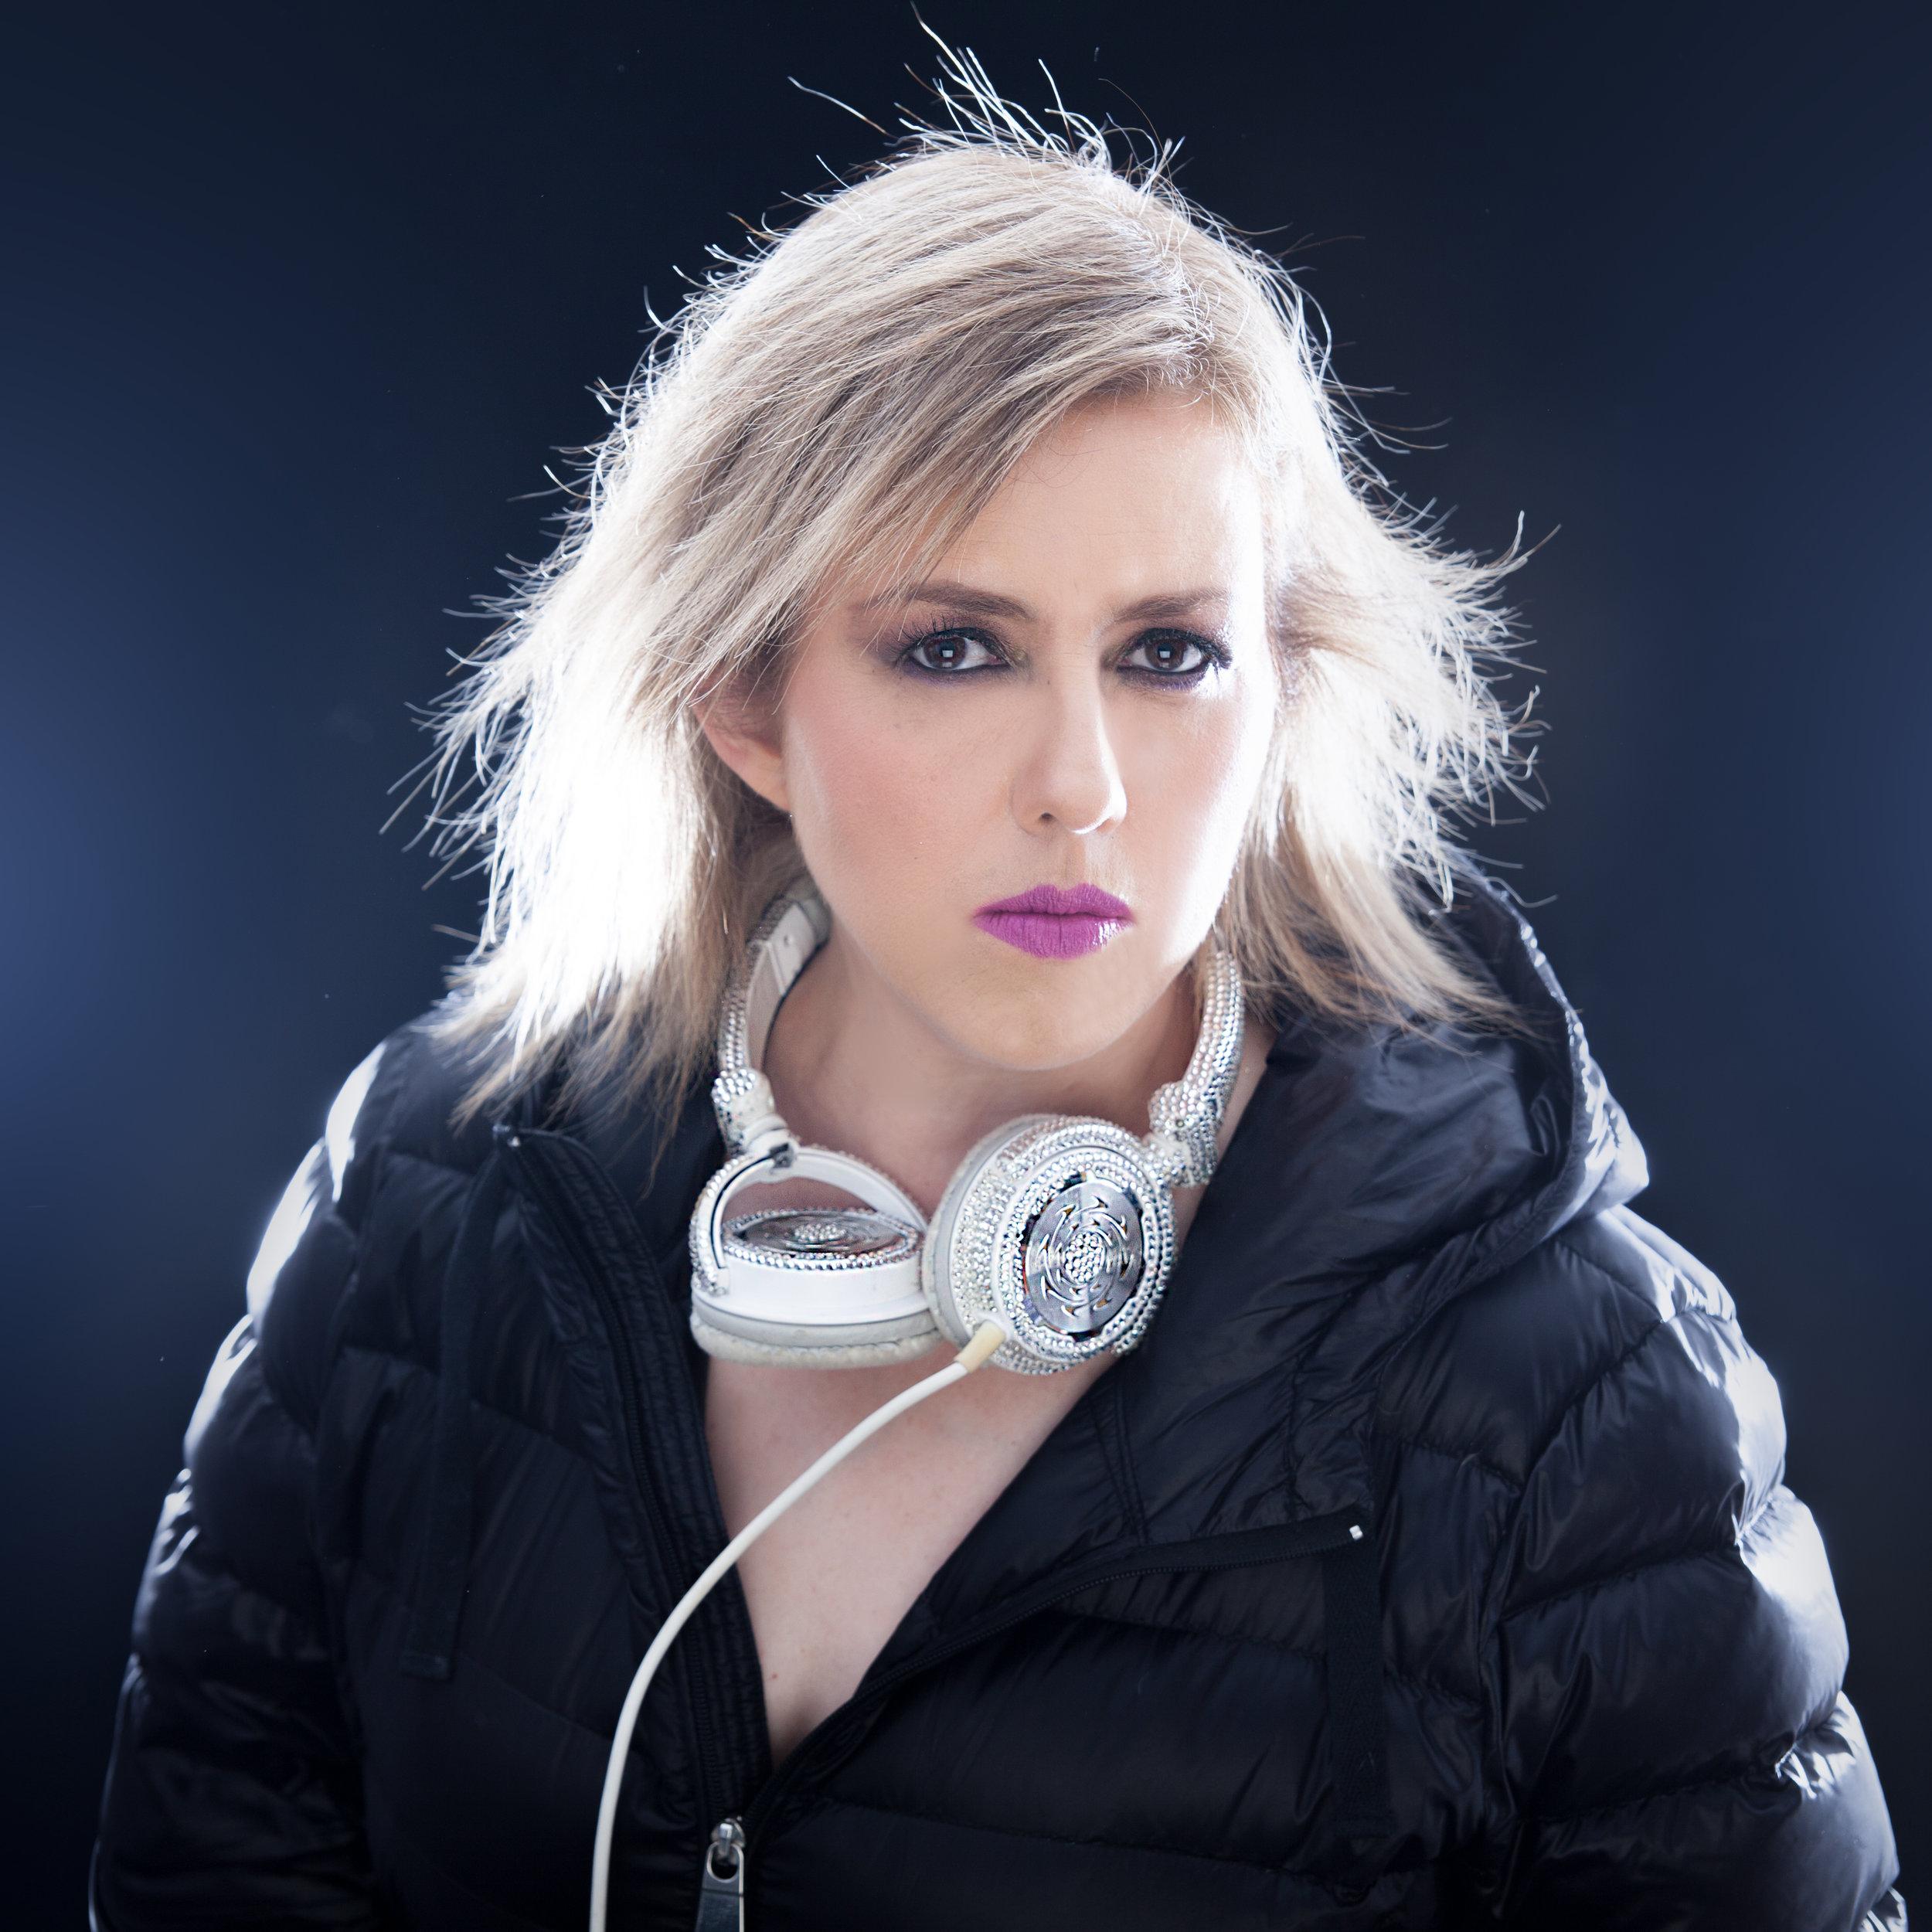 XÓCHITL LUJÁN   Con estudios de Psicología y Mercadotecnia con más de 25 años en el mundo del entretenimiento, CEO de la empresa Suono Produc- tions & Beat Fashion, creadora del concepto DJ World.